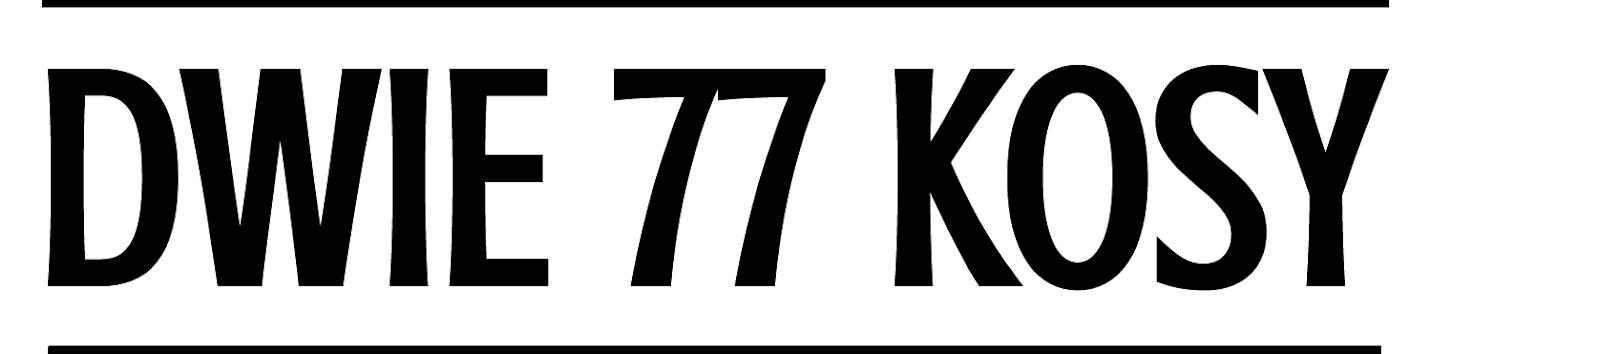 DWIE 77 KOSY